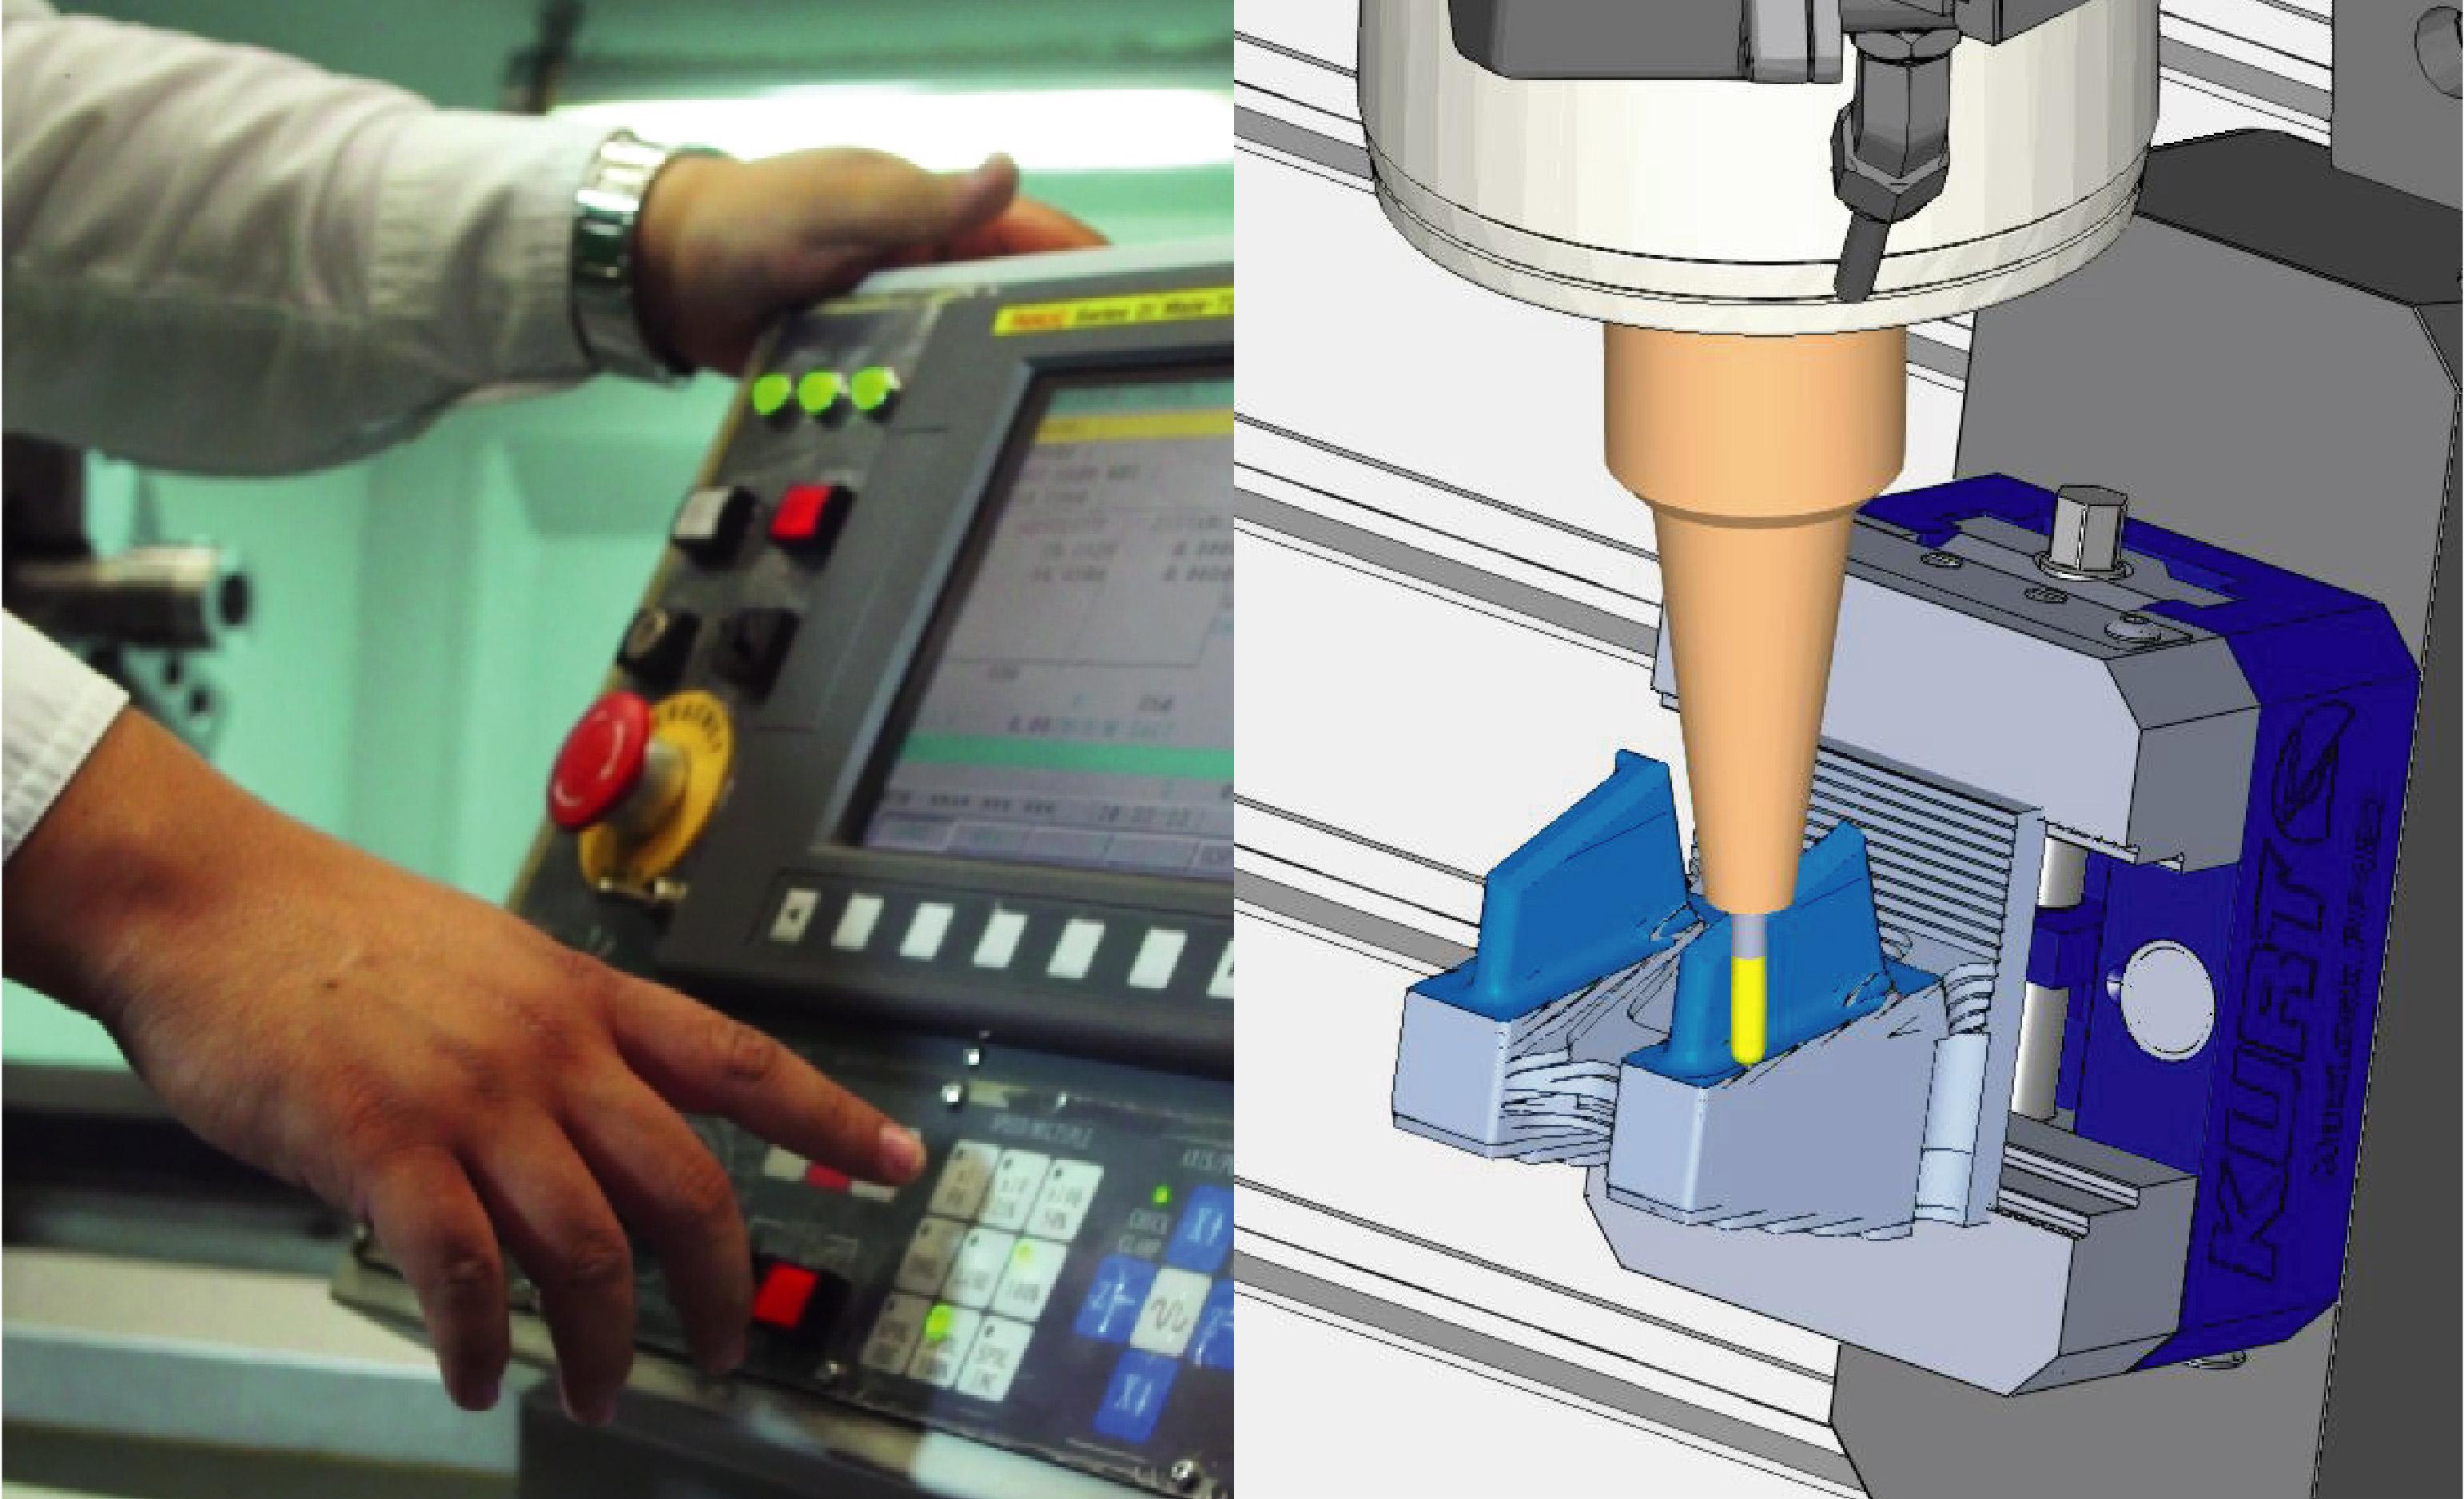 SETEC Online: Operación Básica del CNC (Centro de Maquinado y Torneado) / Maquinado de Moldes con Cimatron 5 Ejes